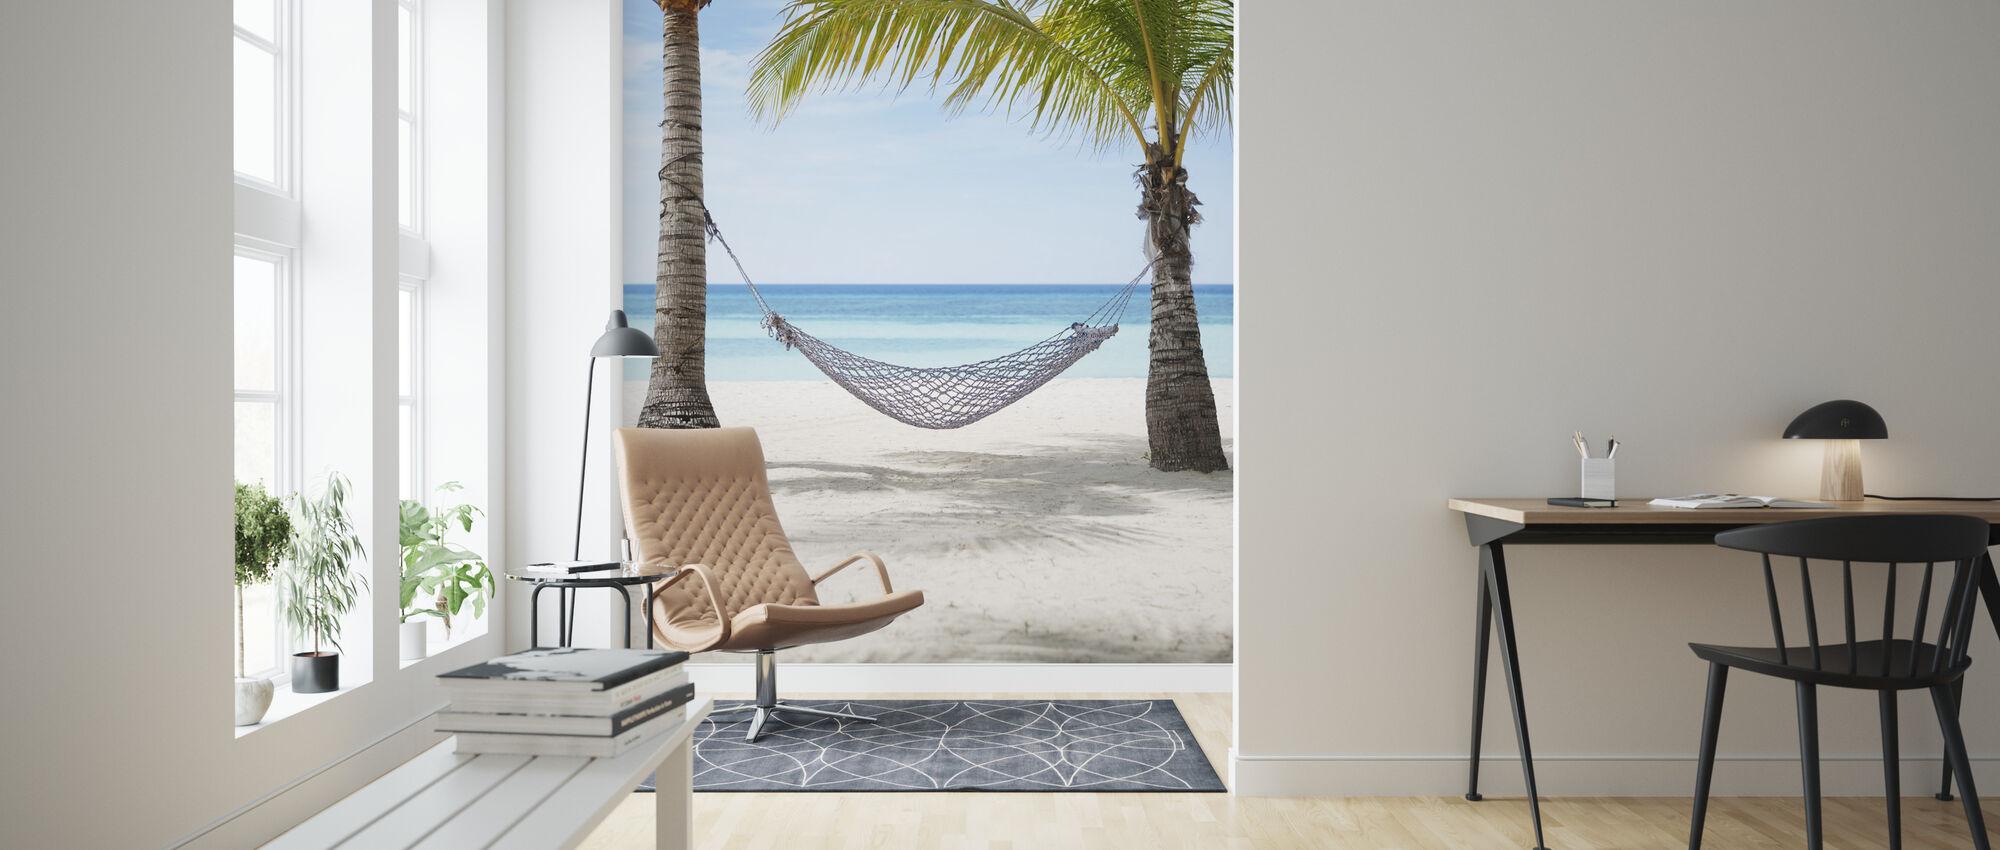 Hammock Vacation, Bohol Philippines - Wallpaper - Living Room